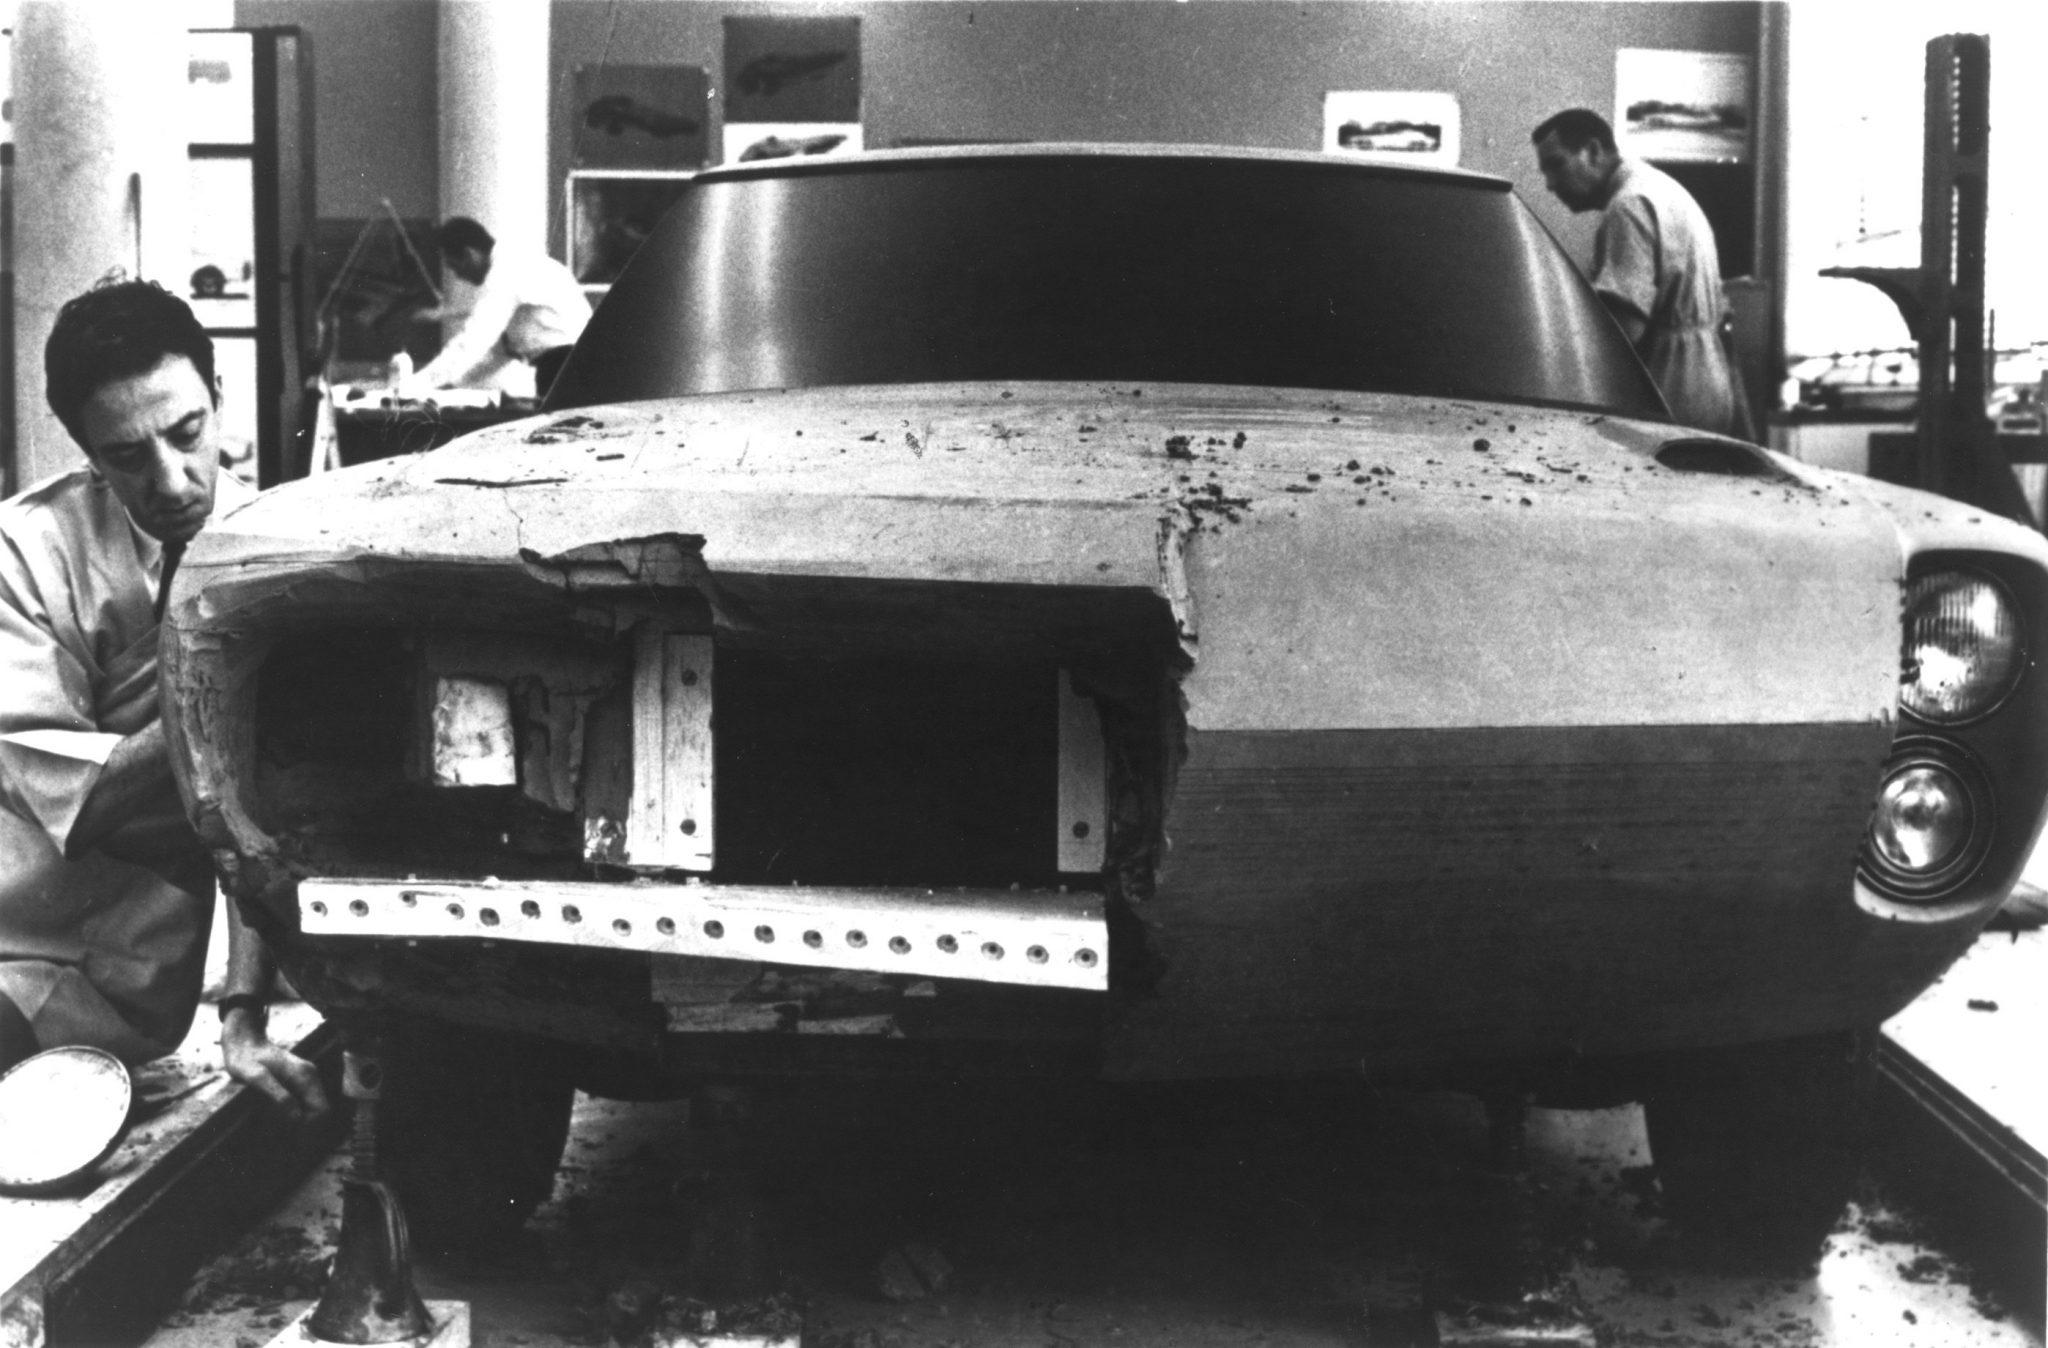 original AMX concept clay model